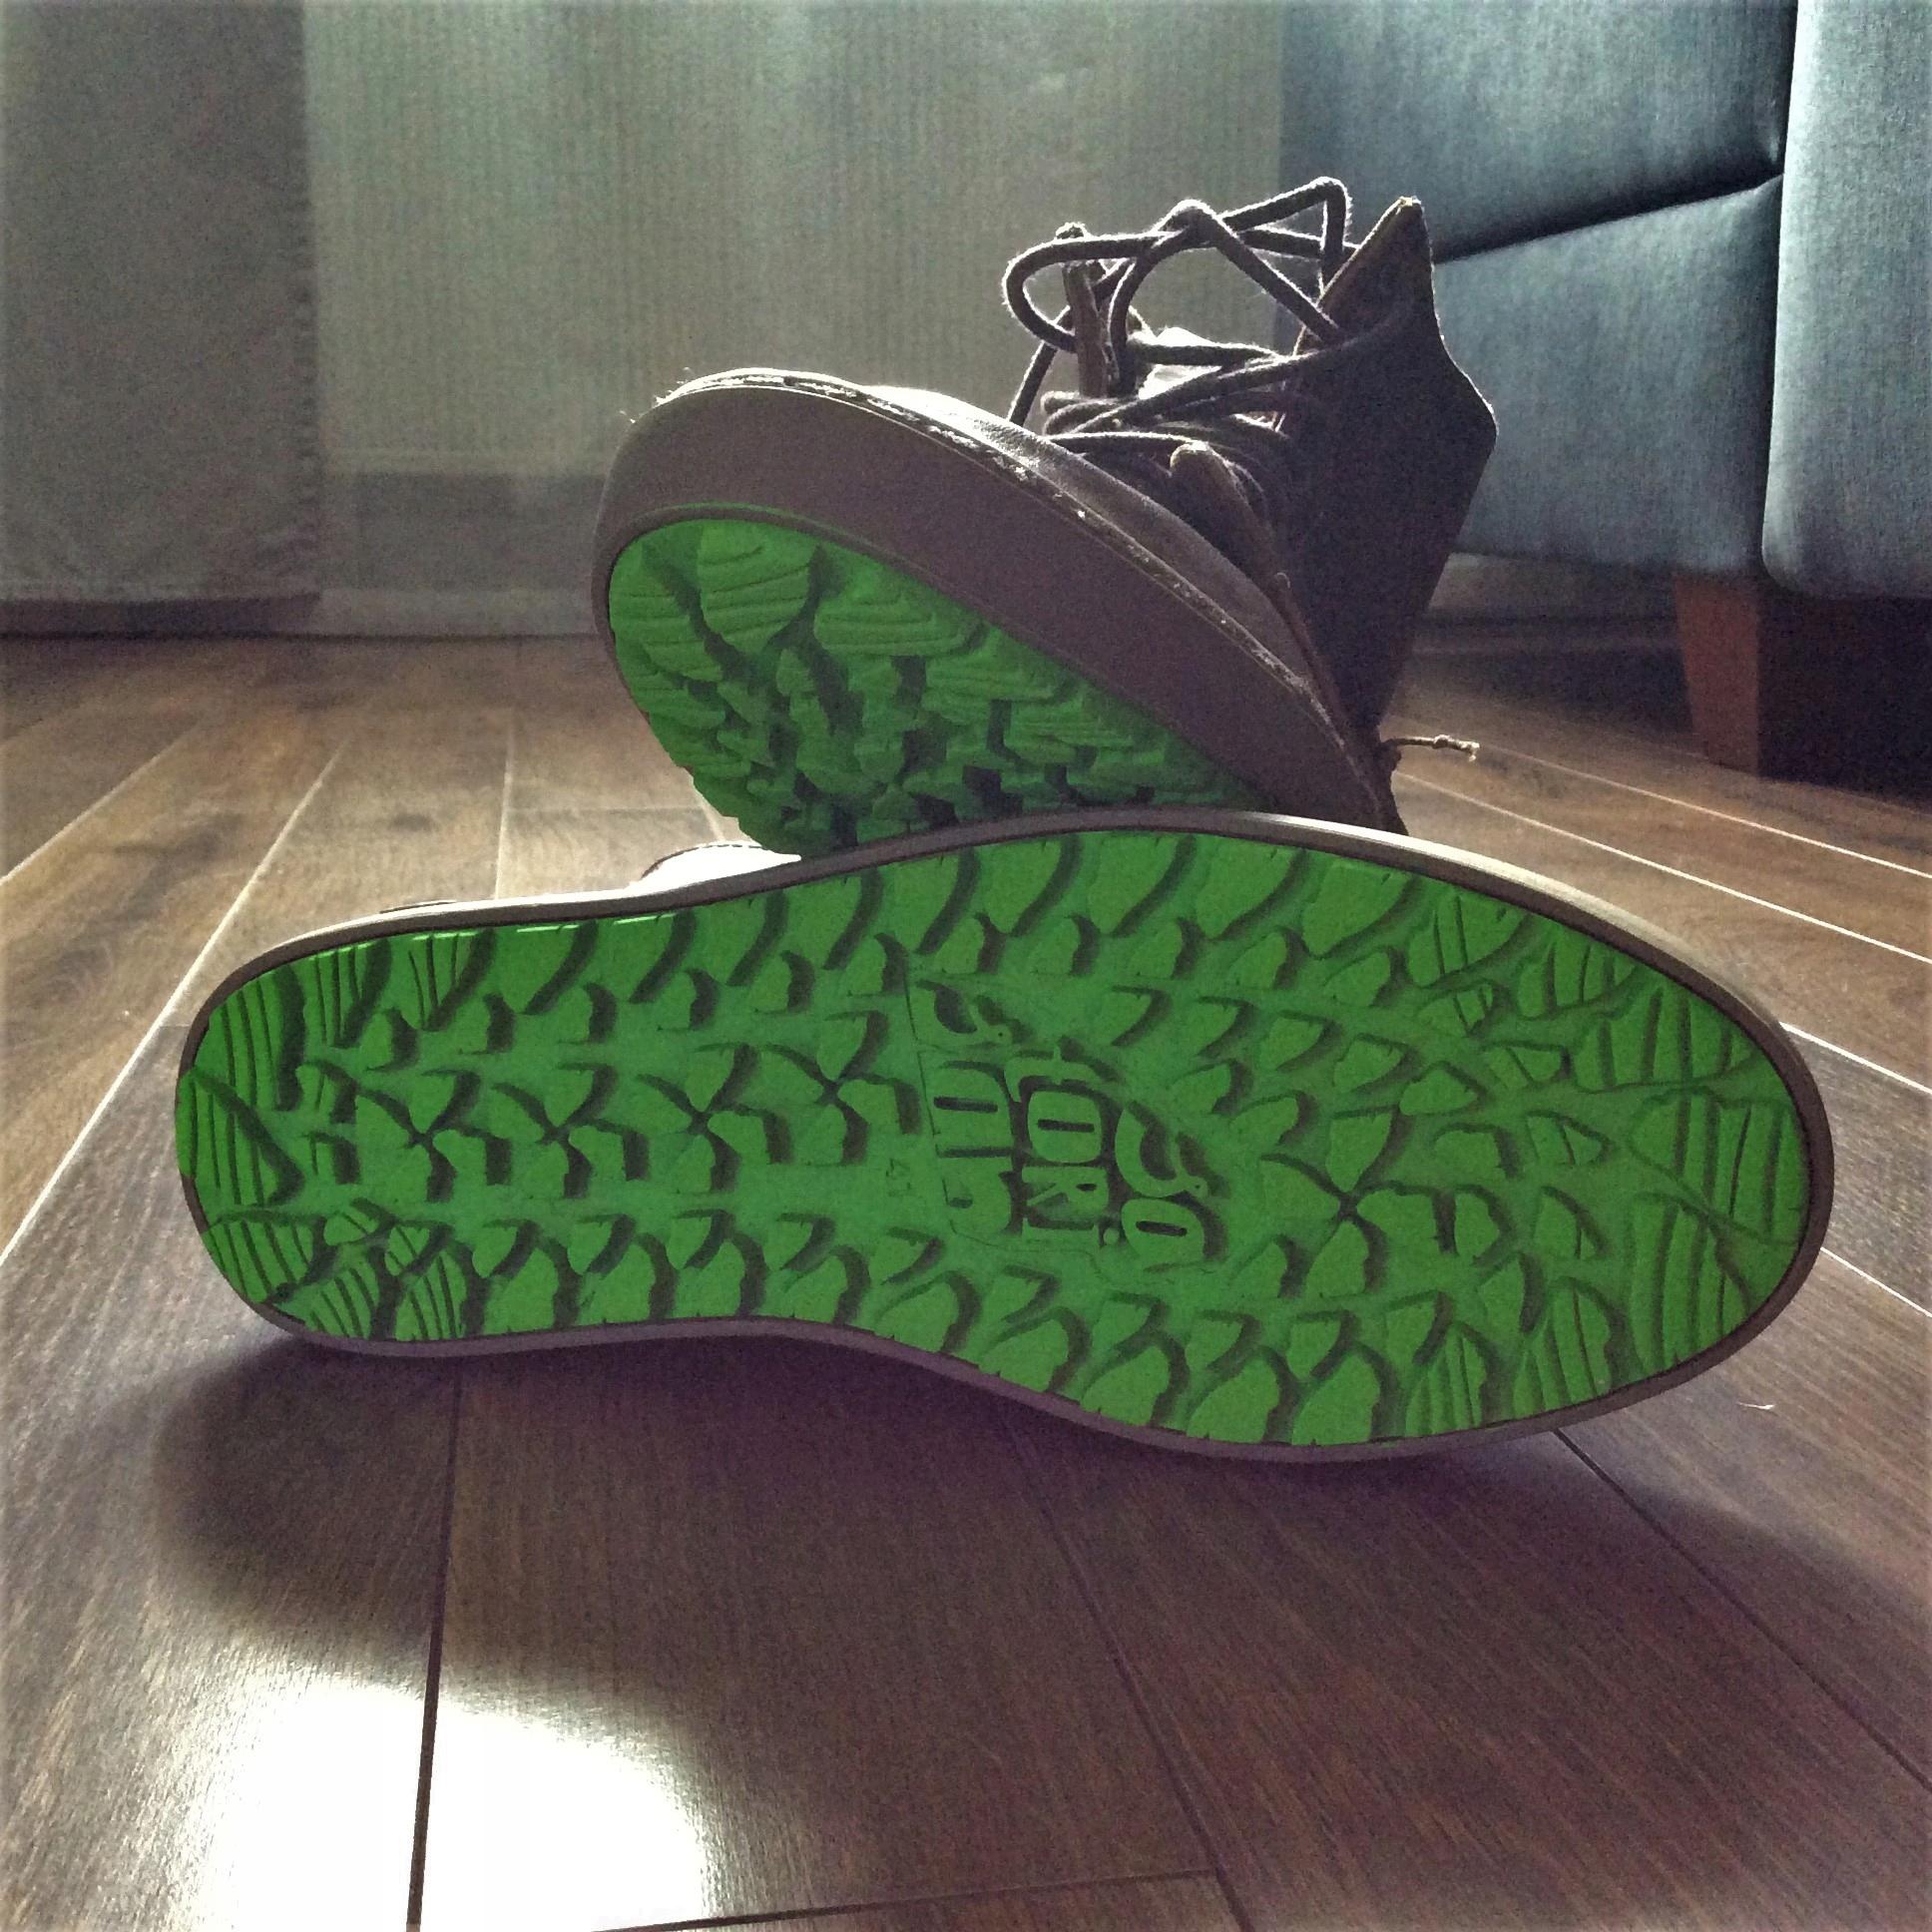 c6cd5244ad23e Satorisan Waraku Super męskie buty w rozm. 41 - 7636205615 ...